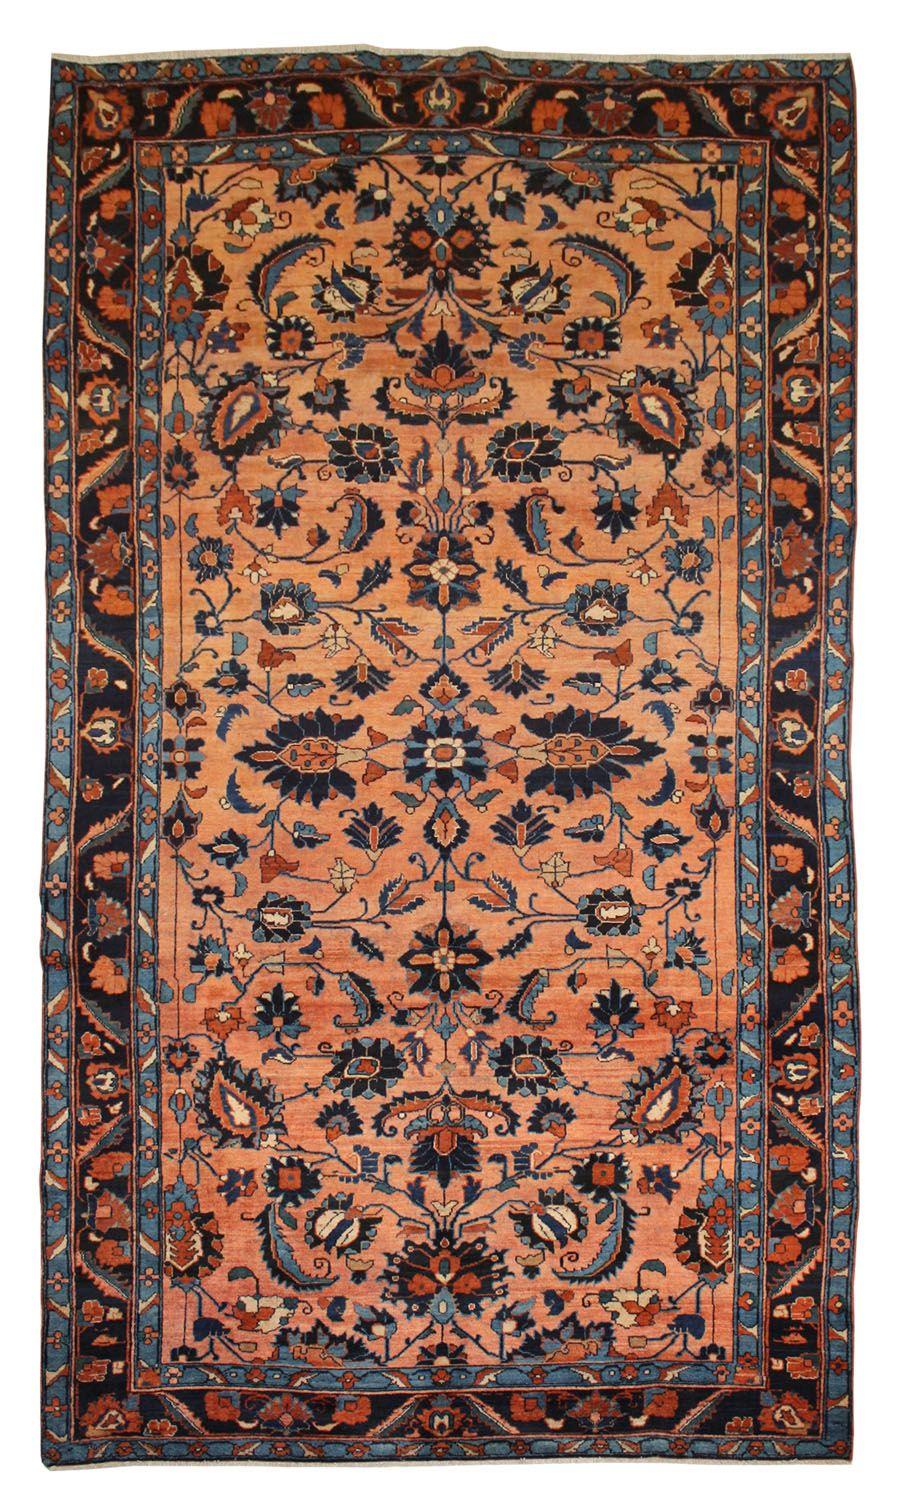 Cod. 8713 Lilian antico 352x188 tappeto persiano antique